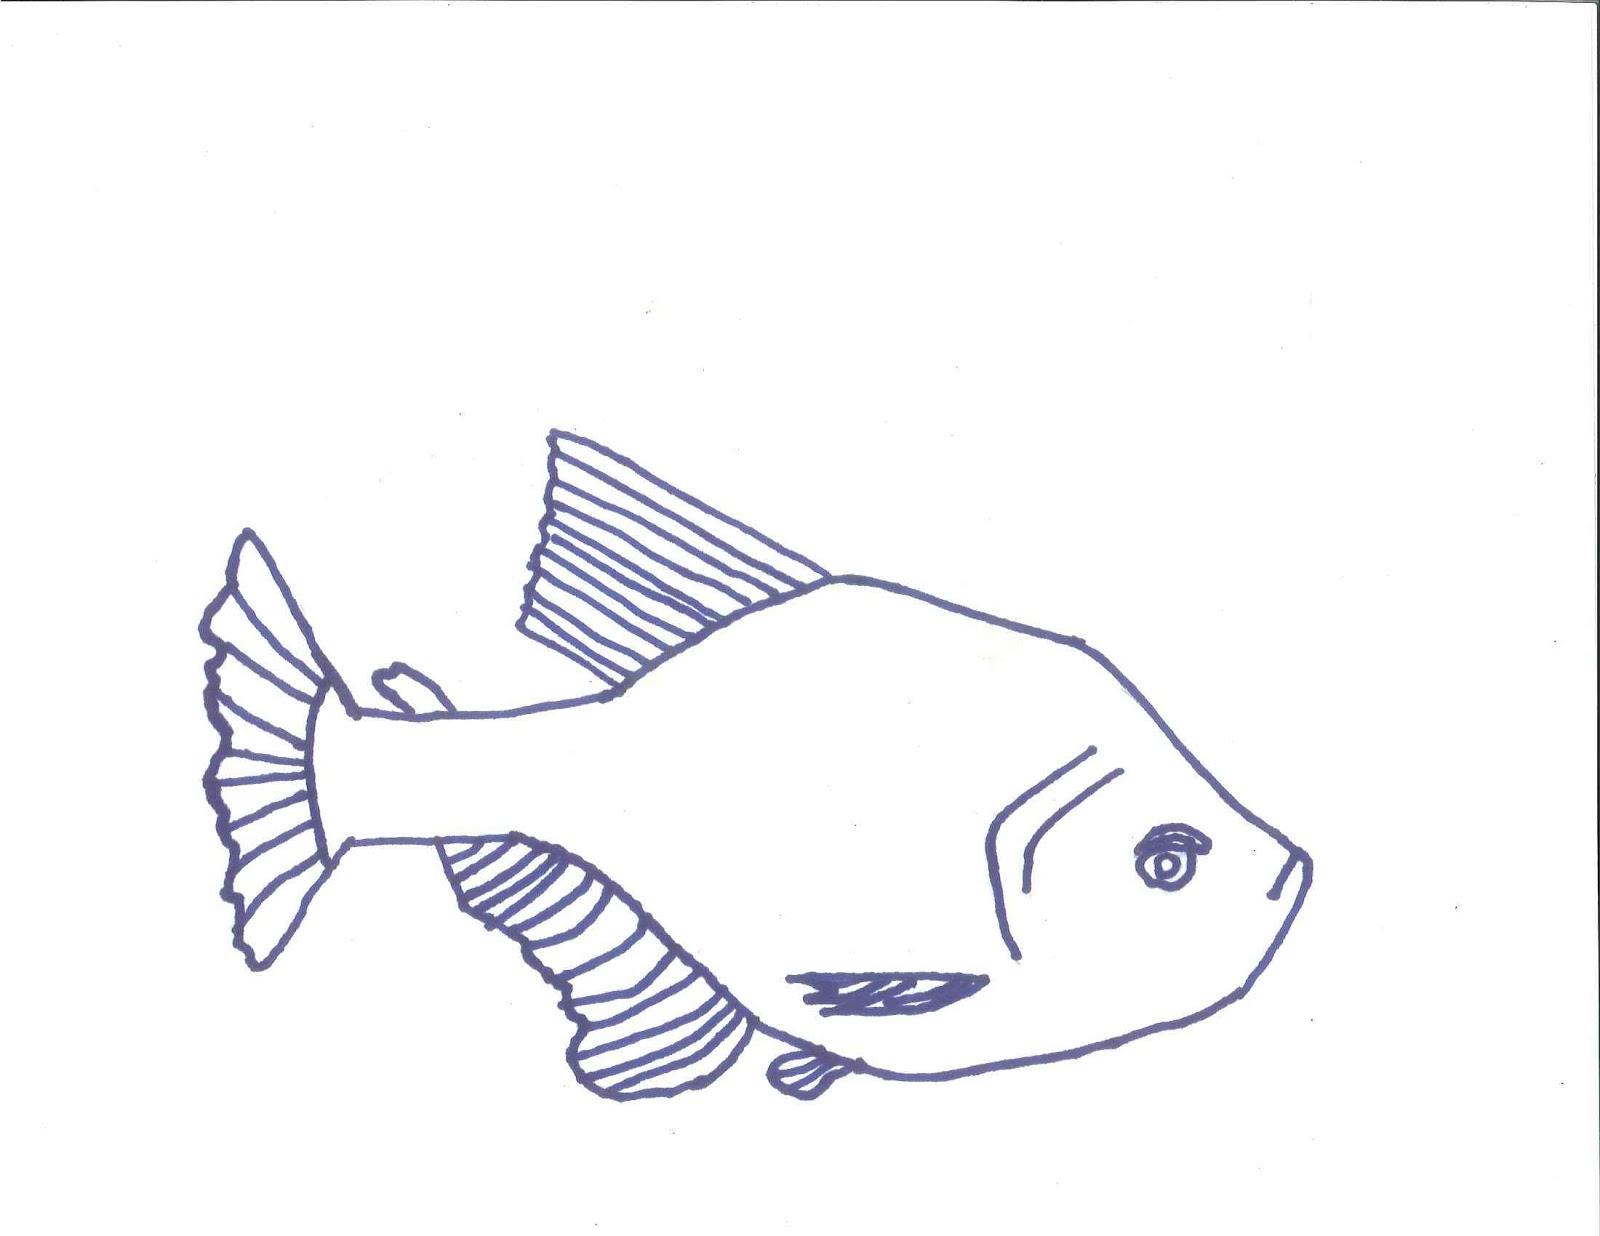 Alaska Drawing Hunt Supplements Alaska Department of Fish